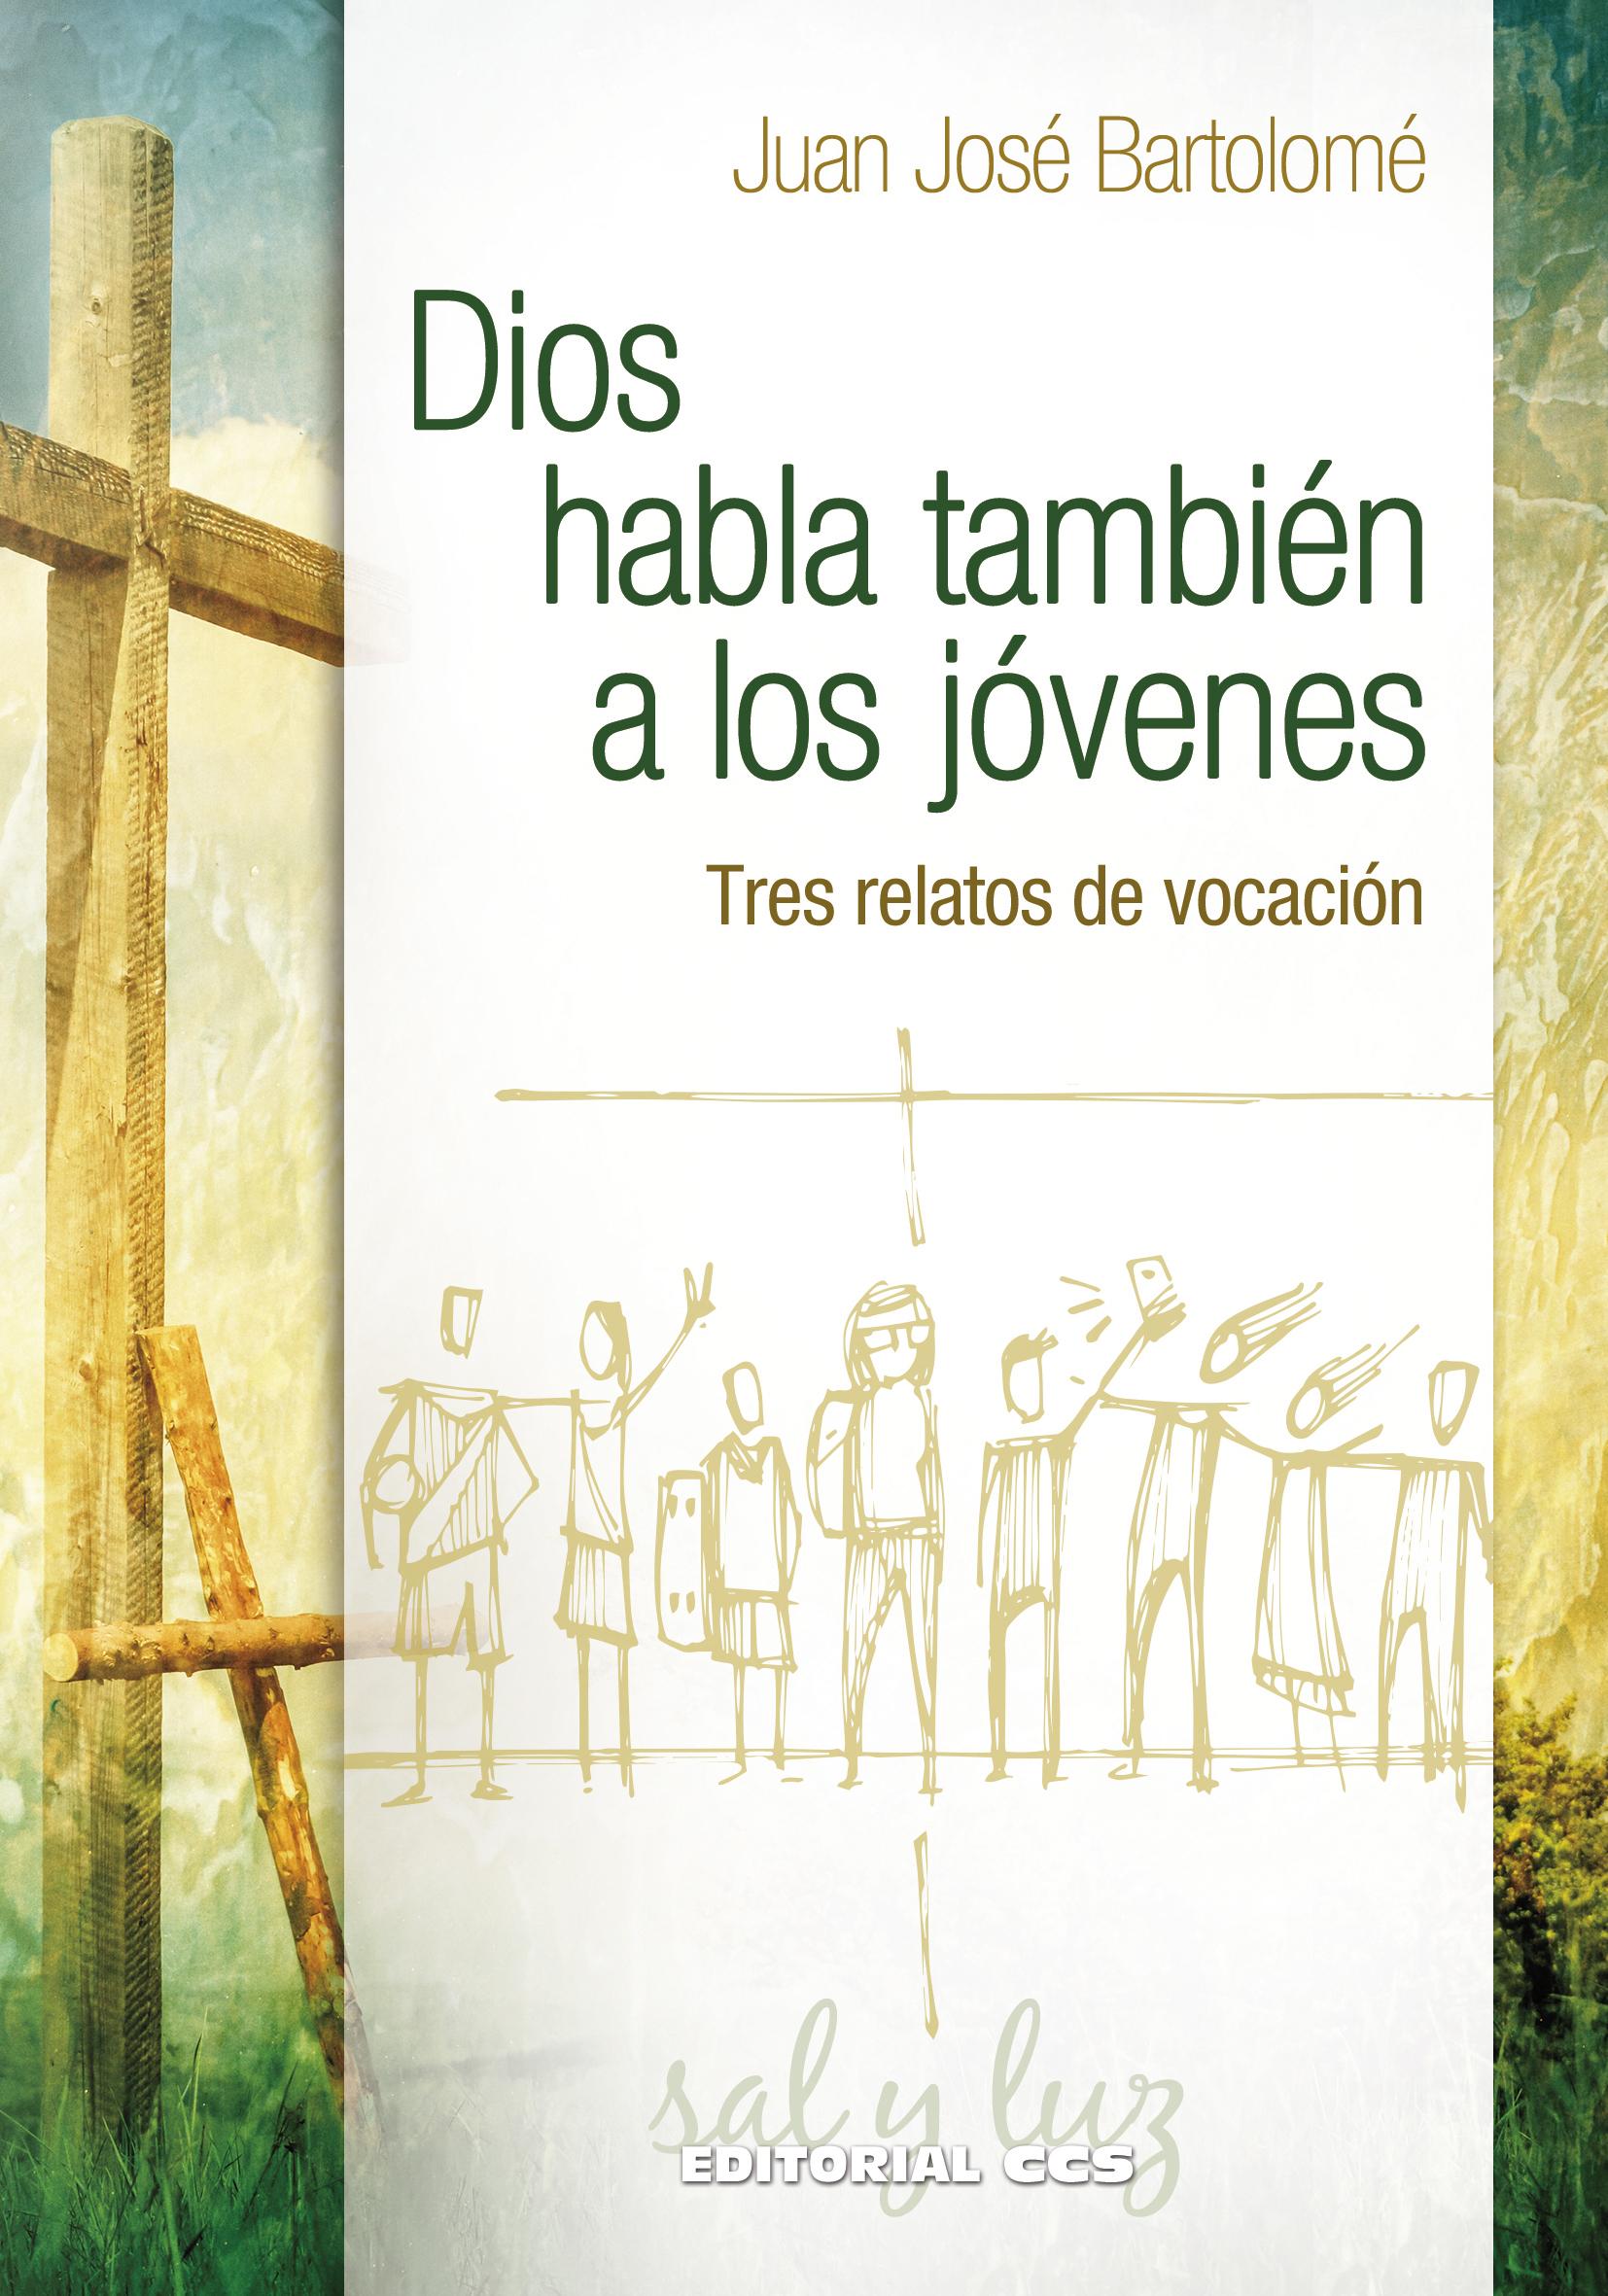 Dios habla también a los jóvenes   «Tres relatos de vocación»